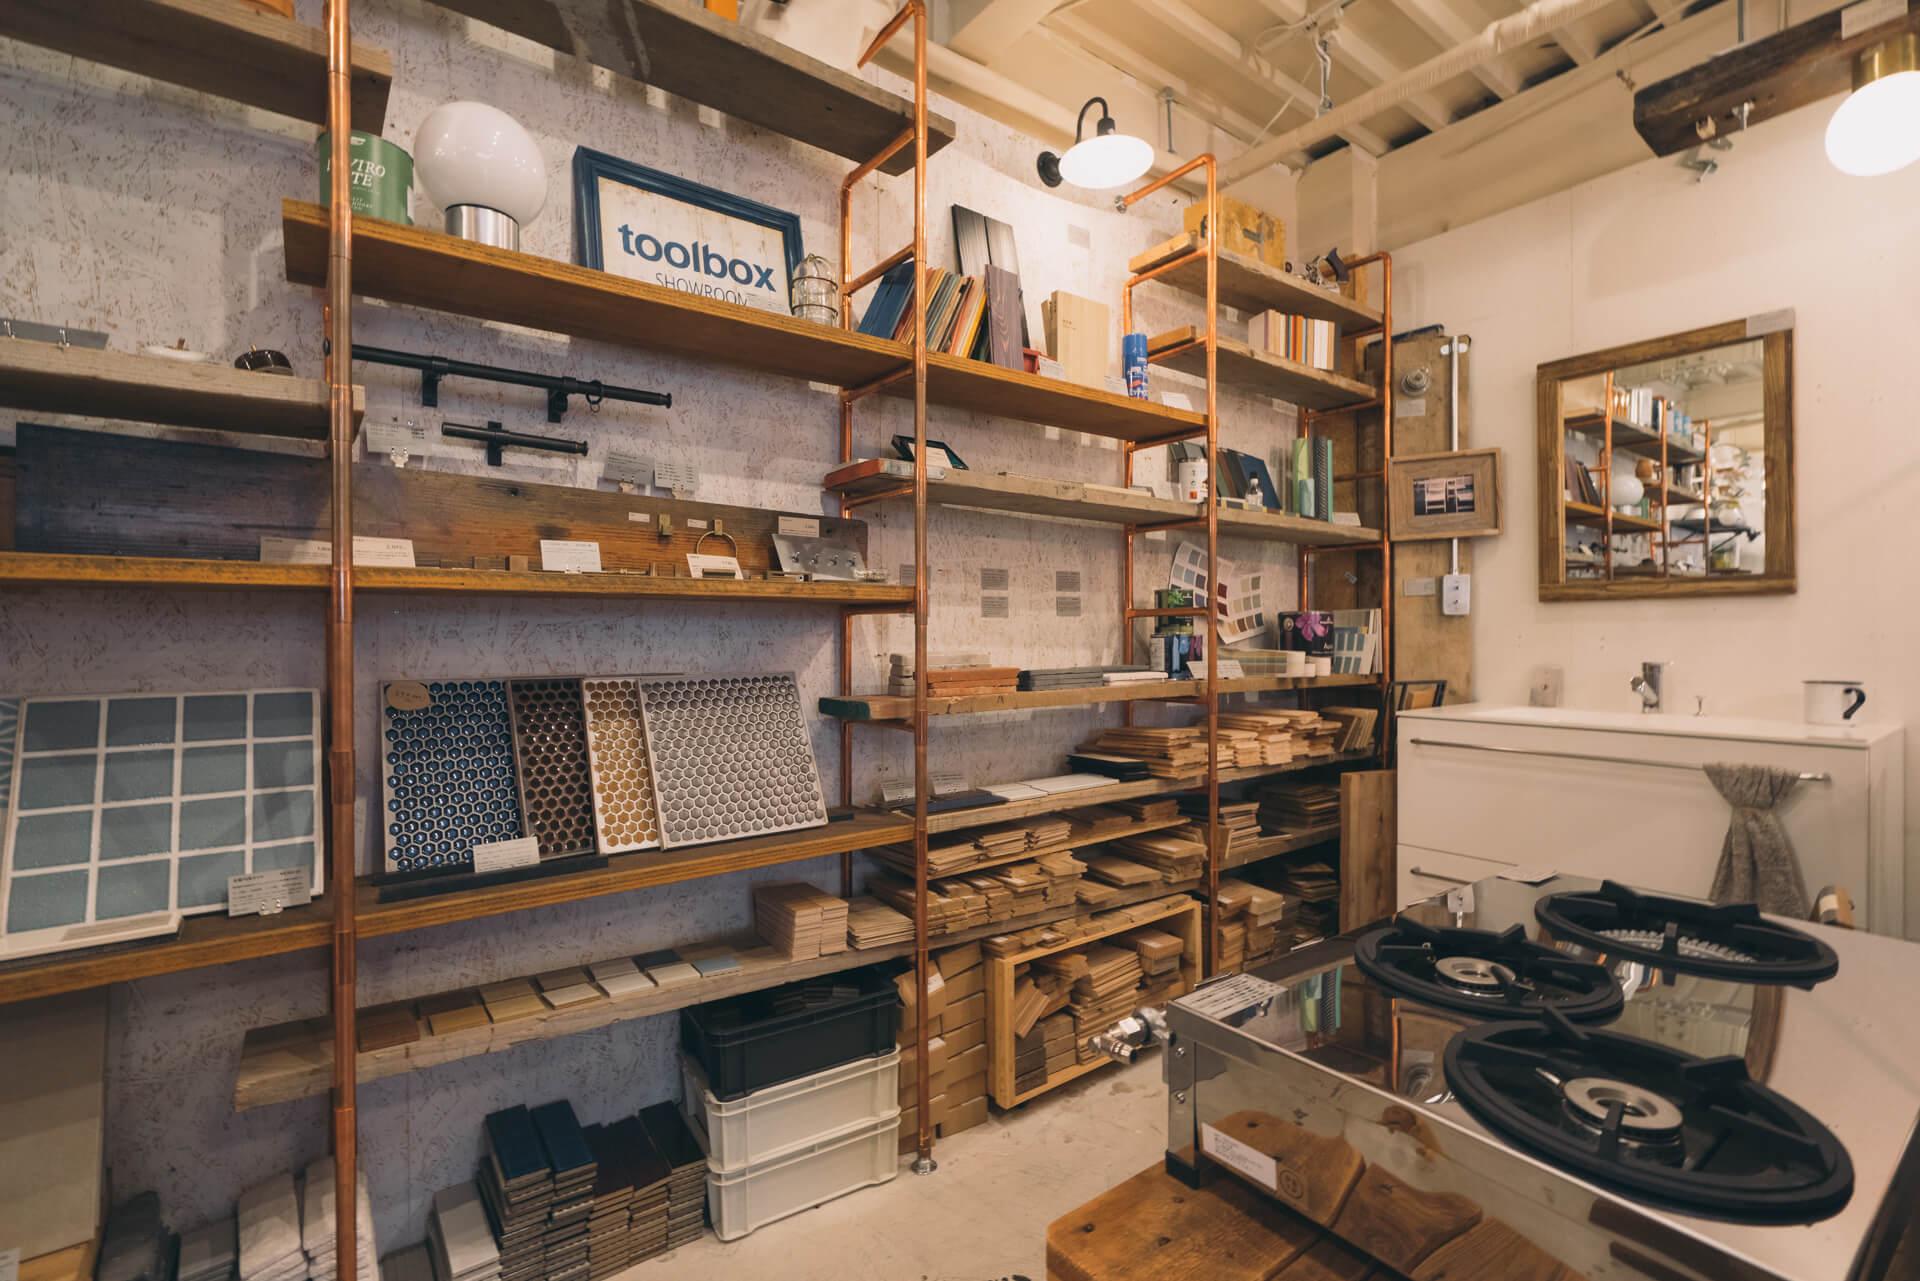 DIYでも質感にはこだわりたい! toolbox に揃うとっておきのDIYアイテム(東京・原宿)